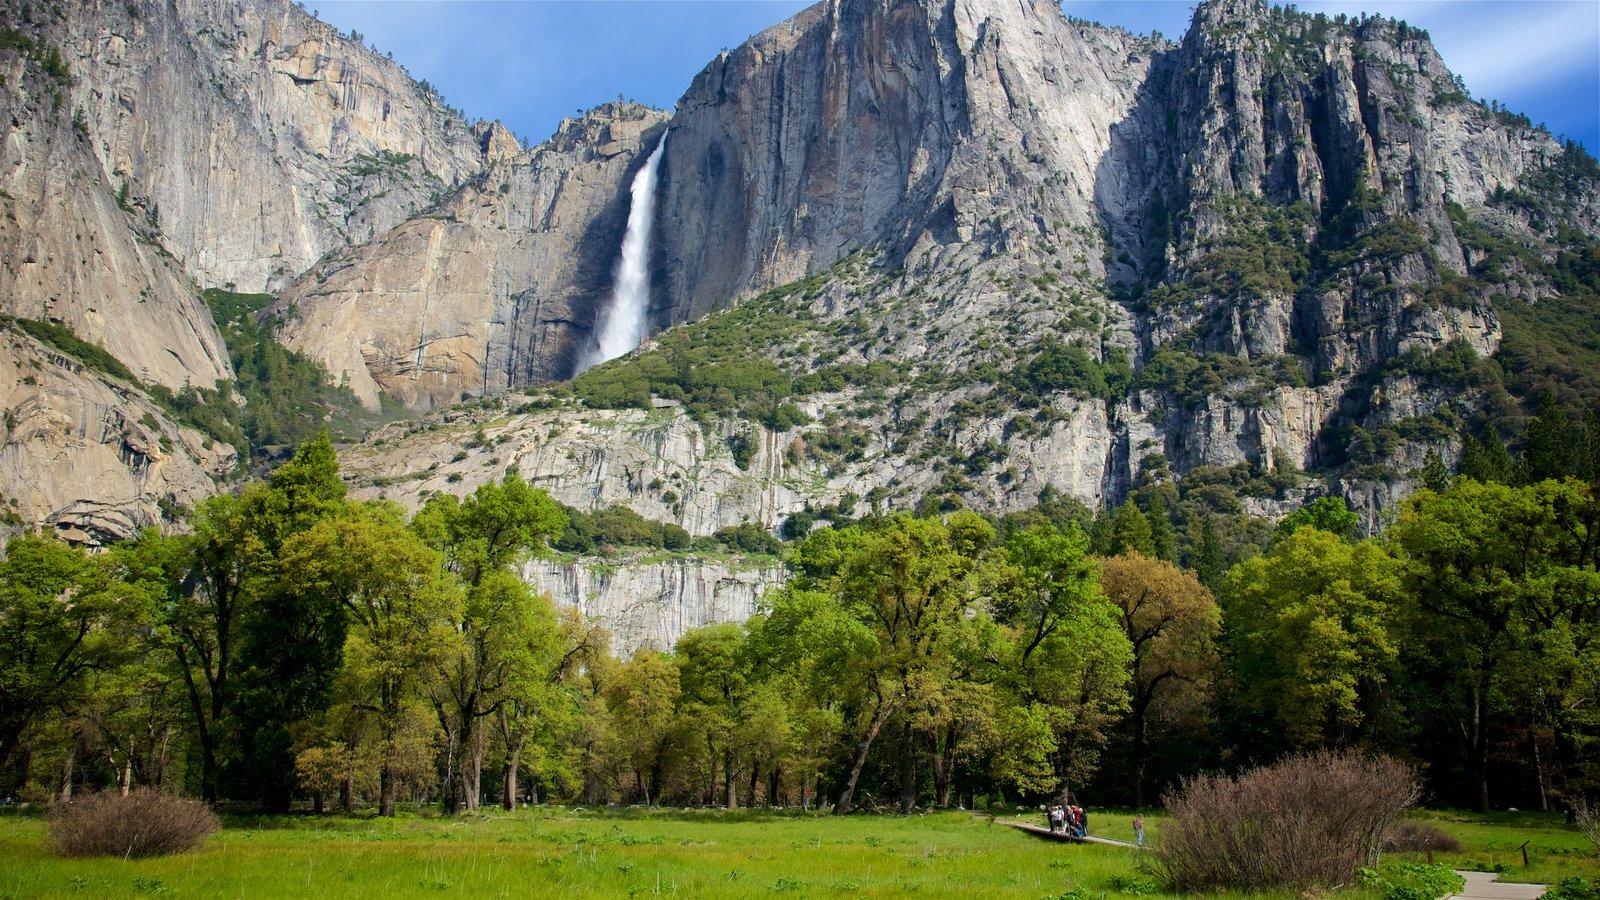 Parque Nacional Yosemite que incluye una cascada, montañas y un parque